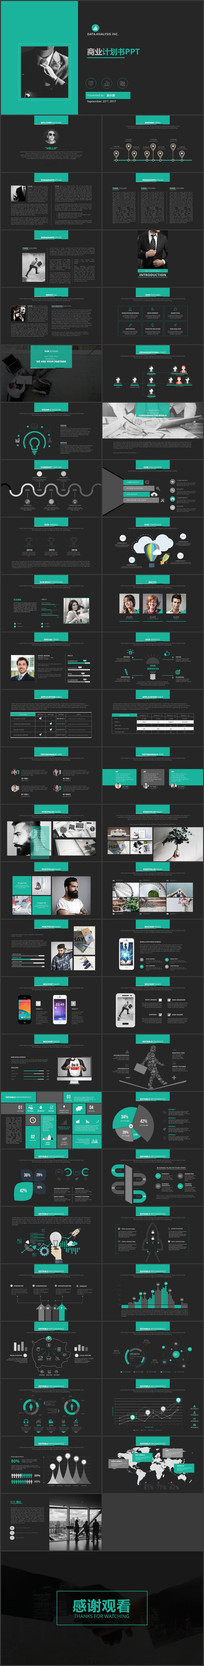 暗绿创意设计商业计划书欧美商务ppt模板